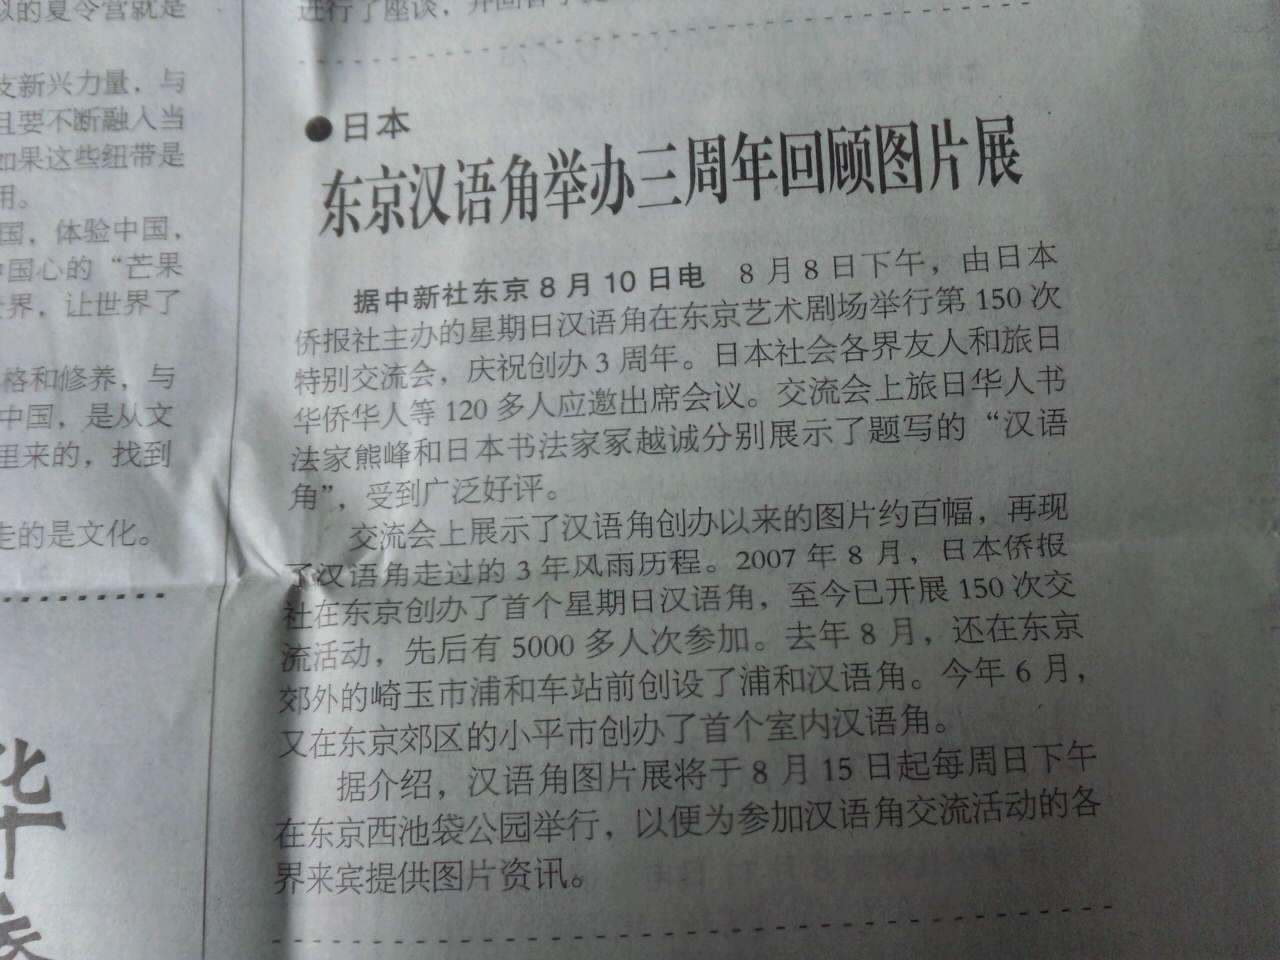 漢語角三周年に関する記事掲載紙人民日報(海外版)が届く_d0027795_1426554.jpg